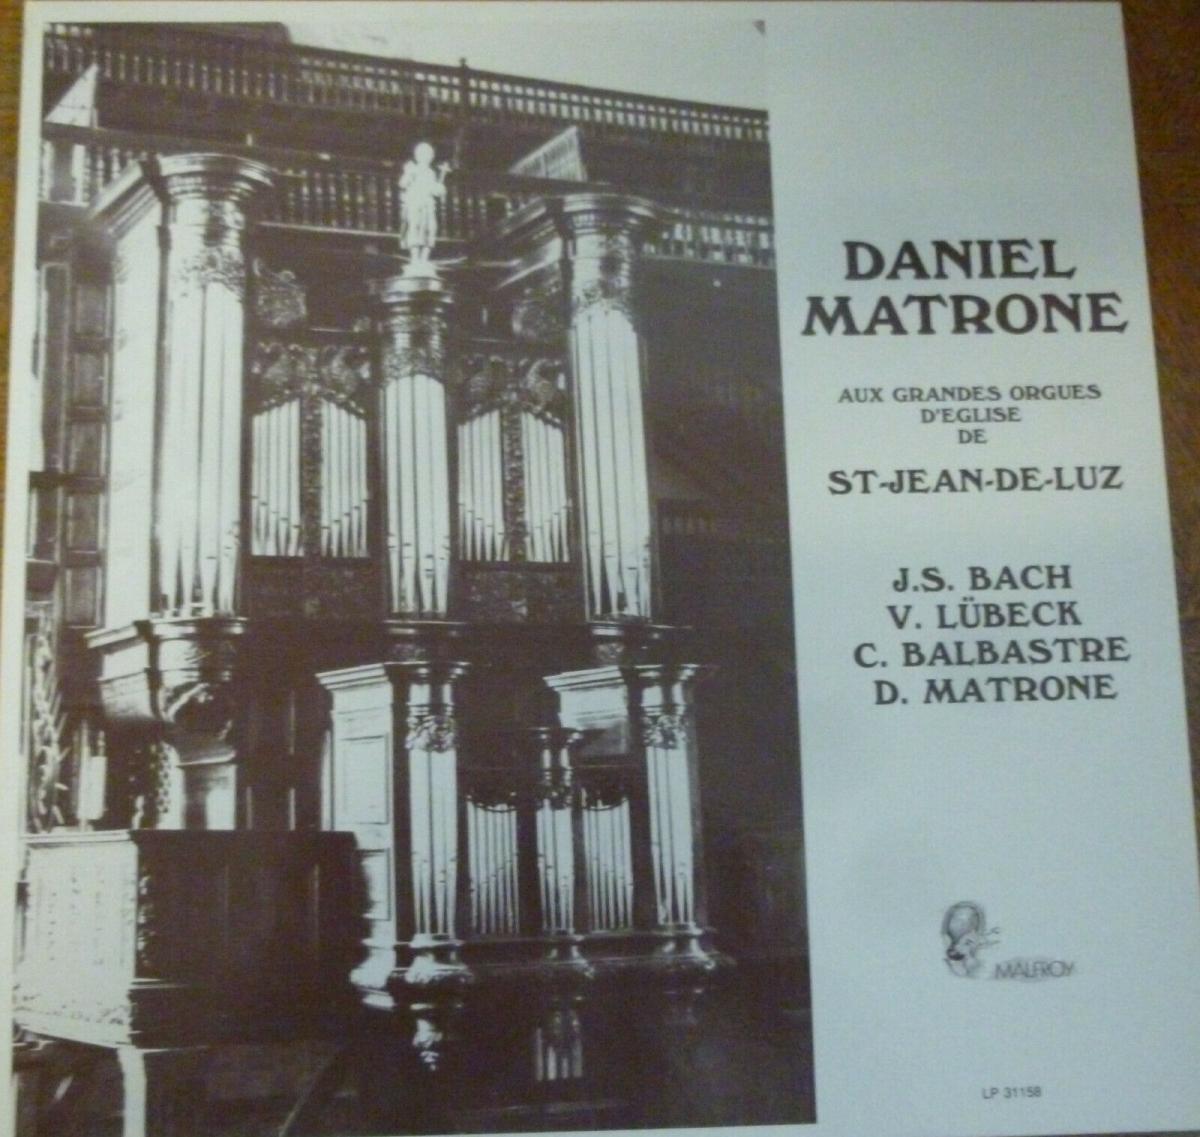 disque Matrone St-Jean-de-Luz.jpg